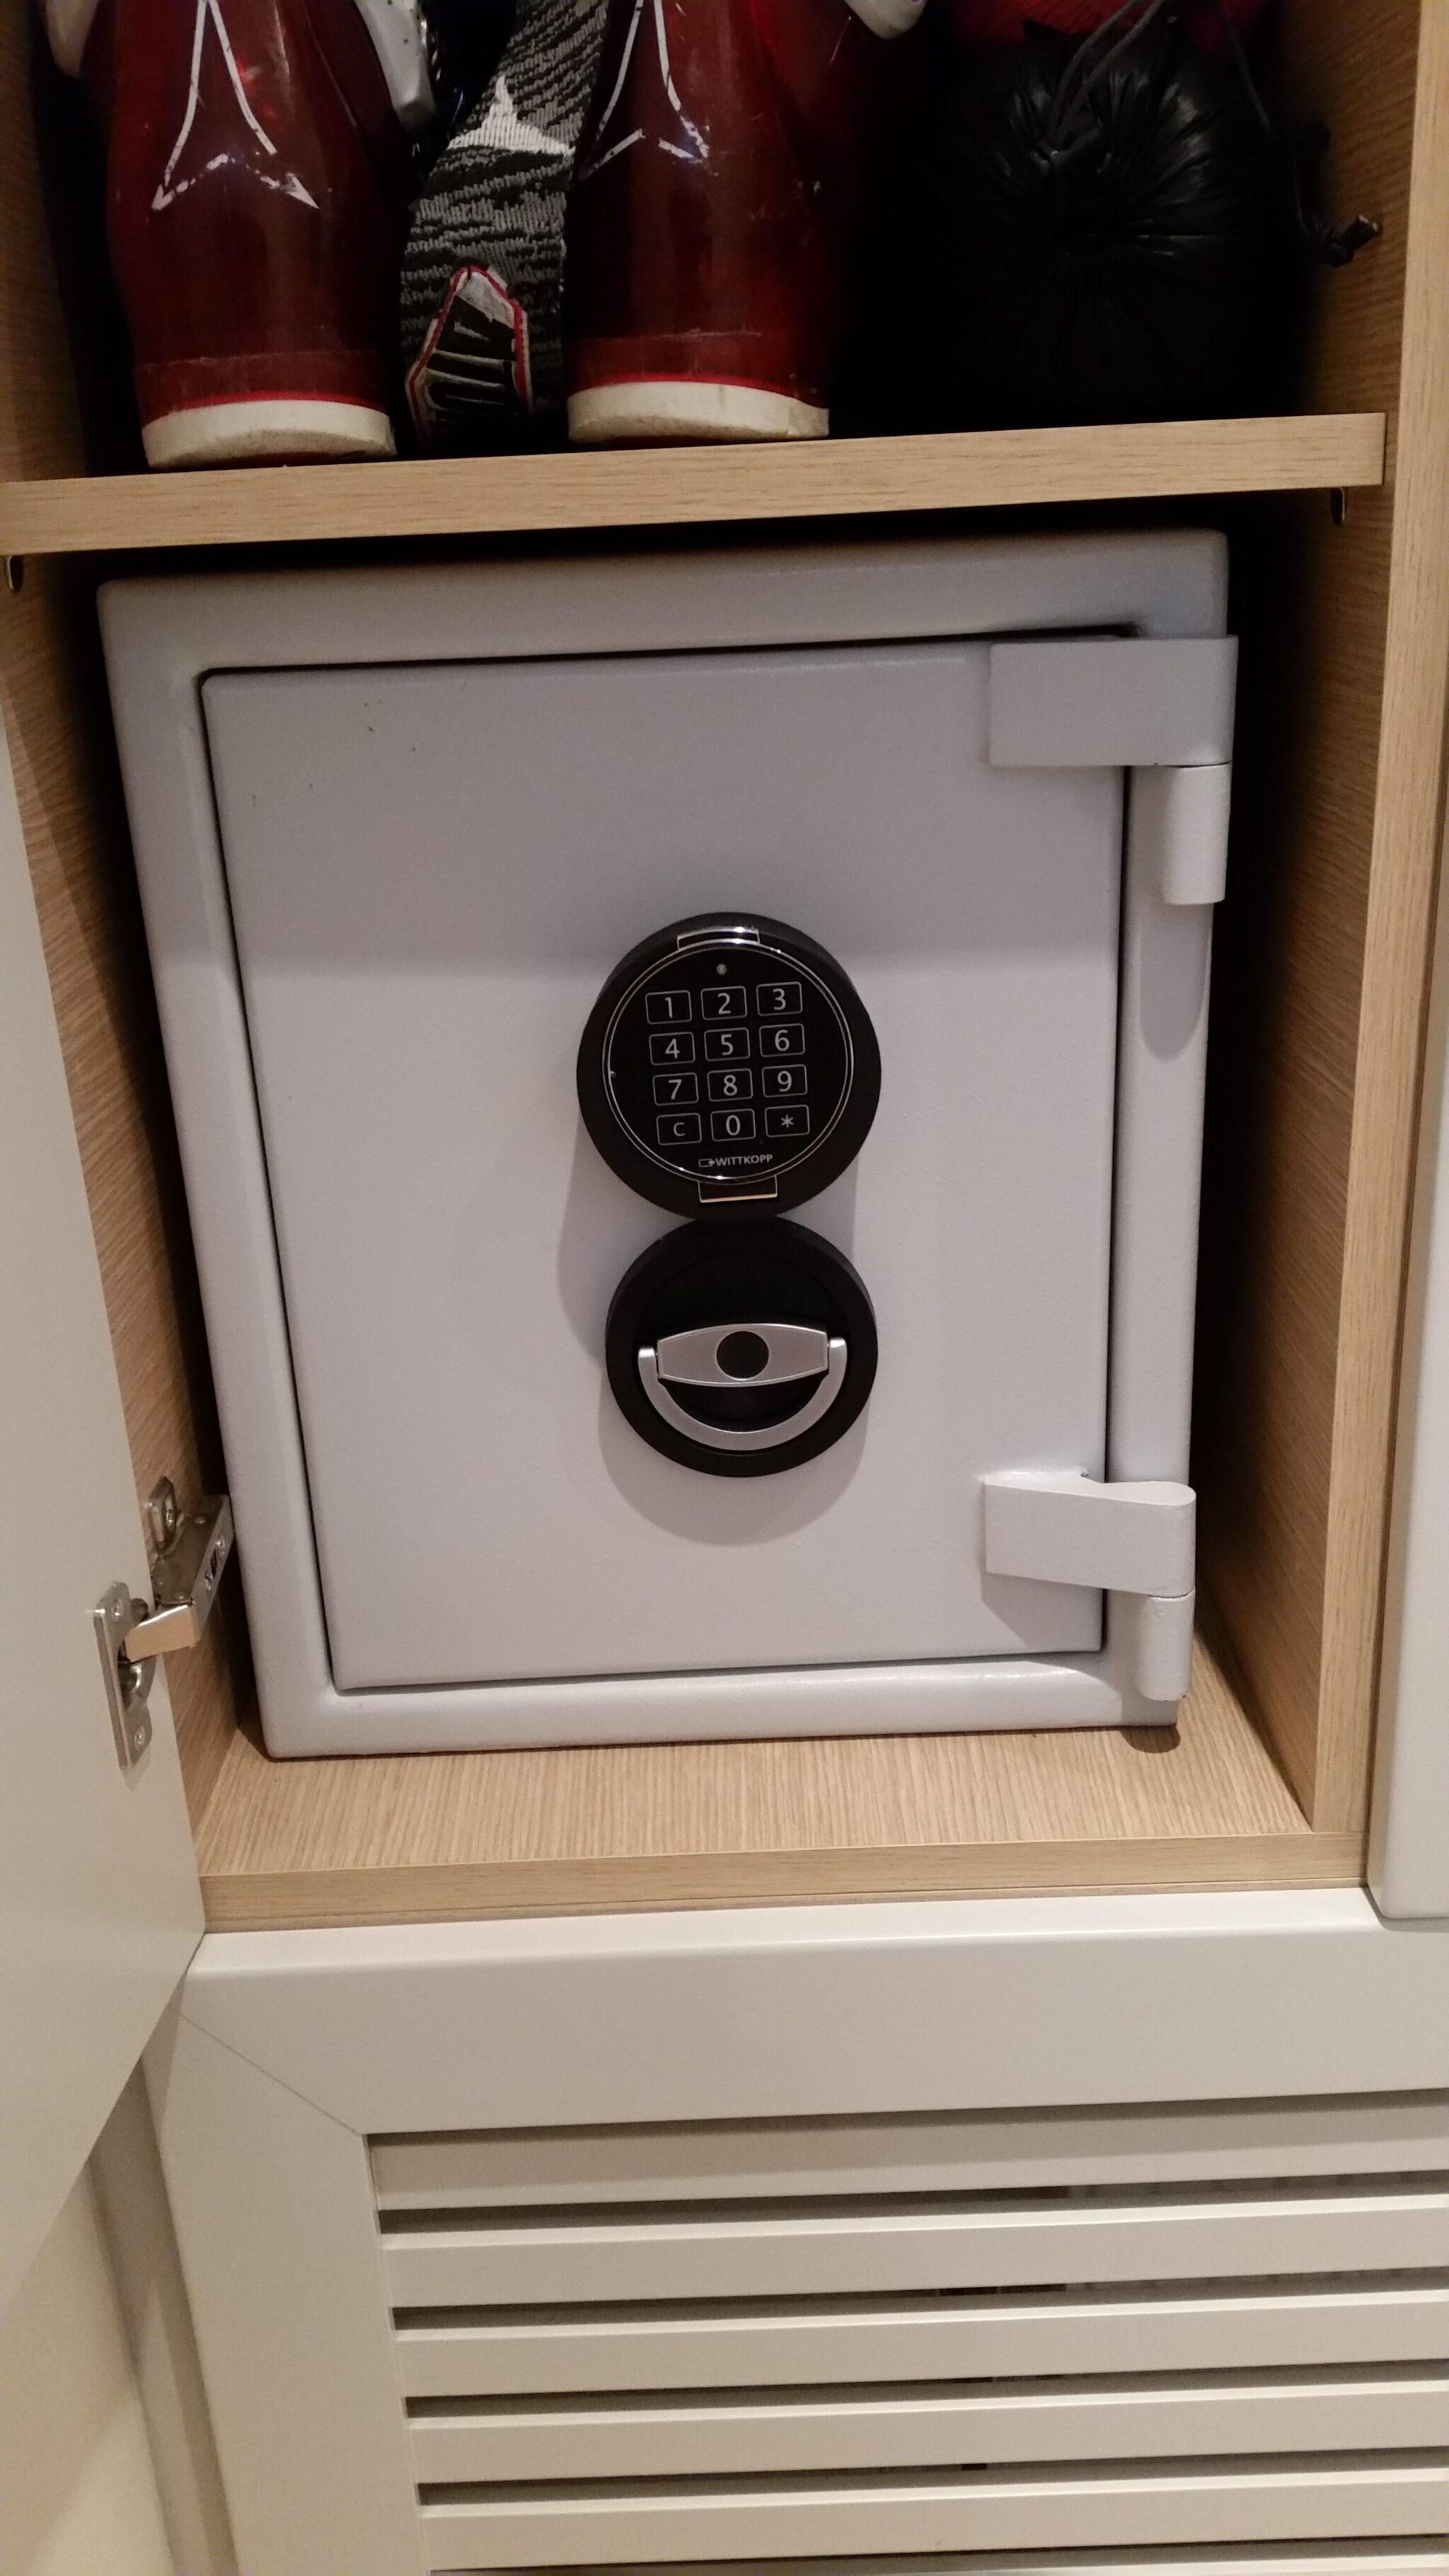 Sussex Eurograde 1 Size 1 Digital Safe